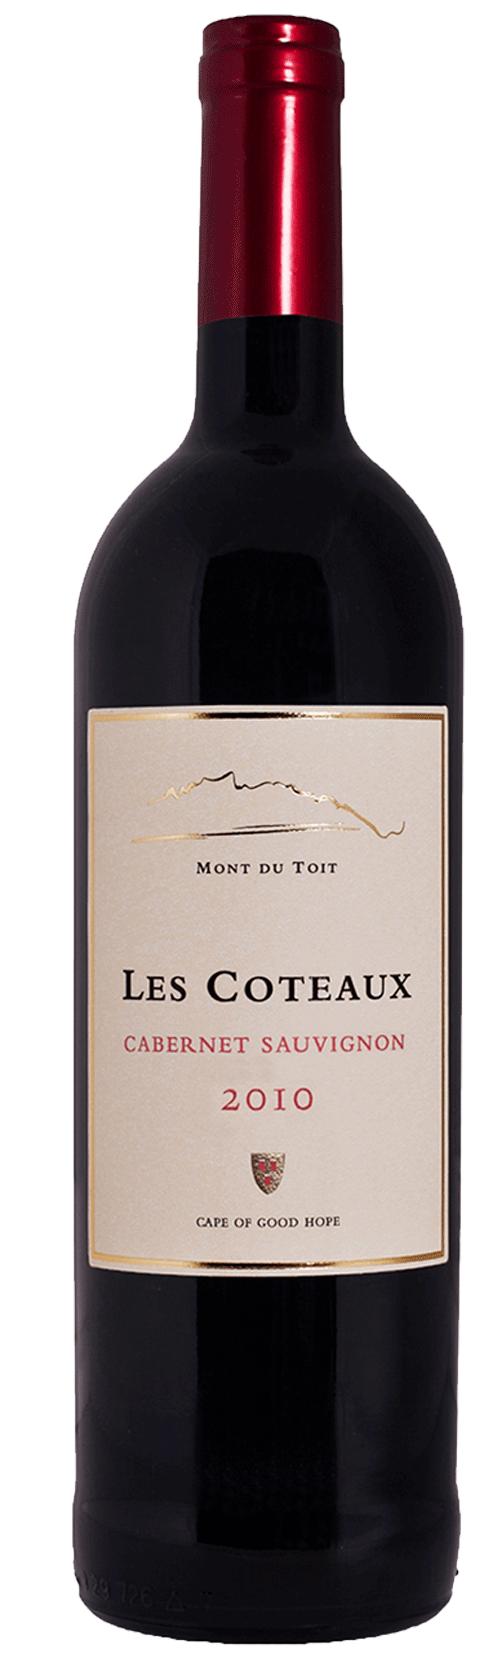 Les Coteaux Cabernet Sauvignon 2010